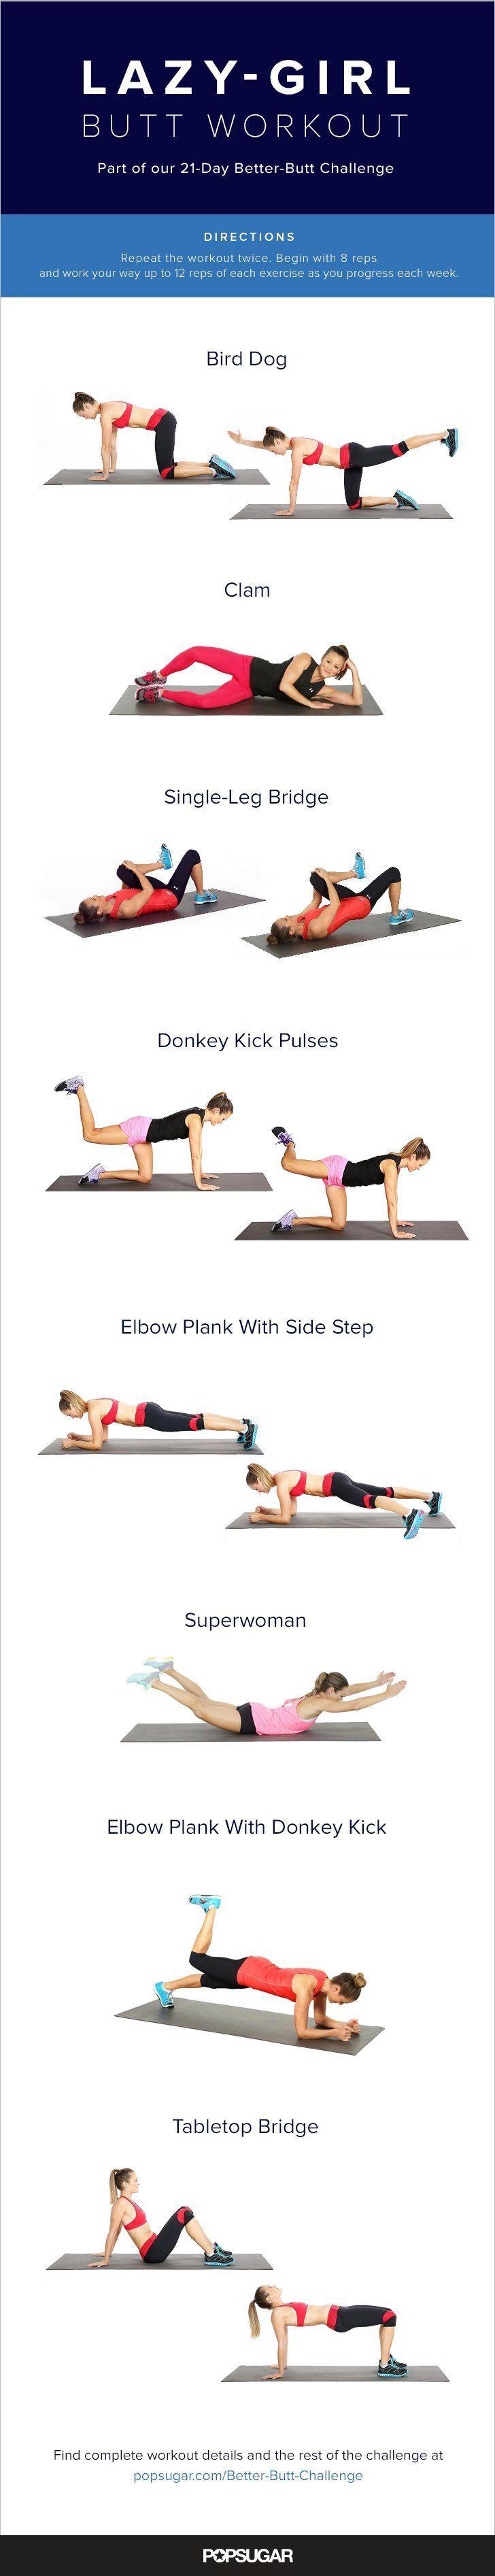 Schöner Po in 10 min täglich für faule Mädchen *** quick and easy 10 min lazy girl butt workout